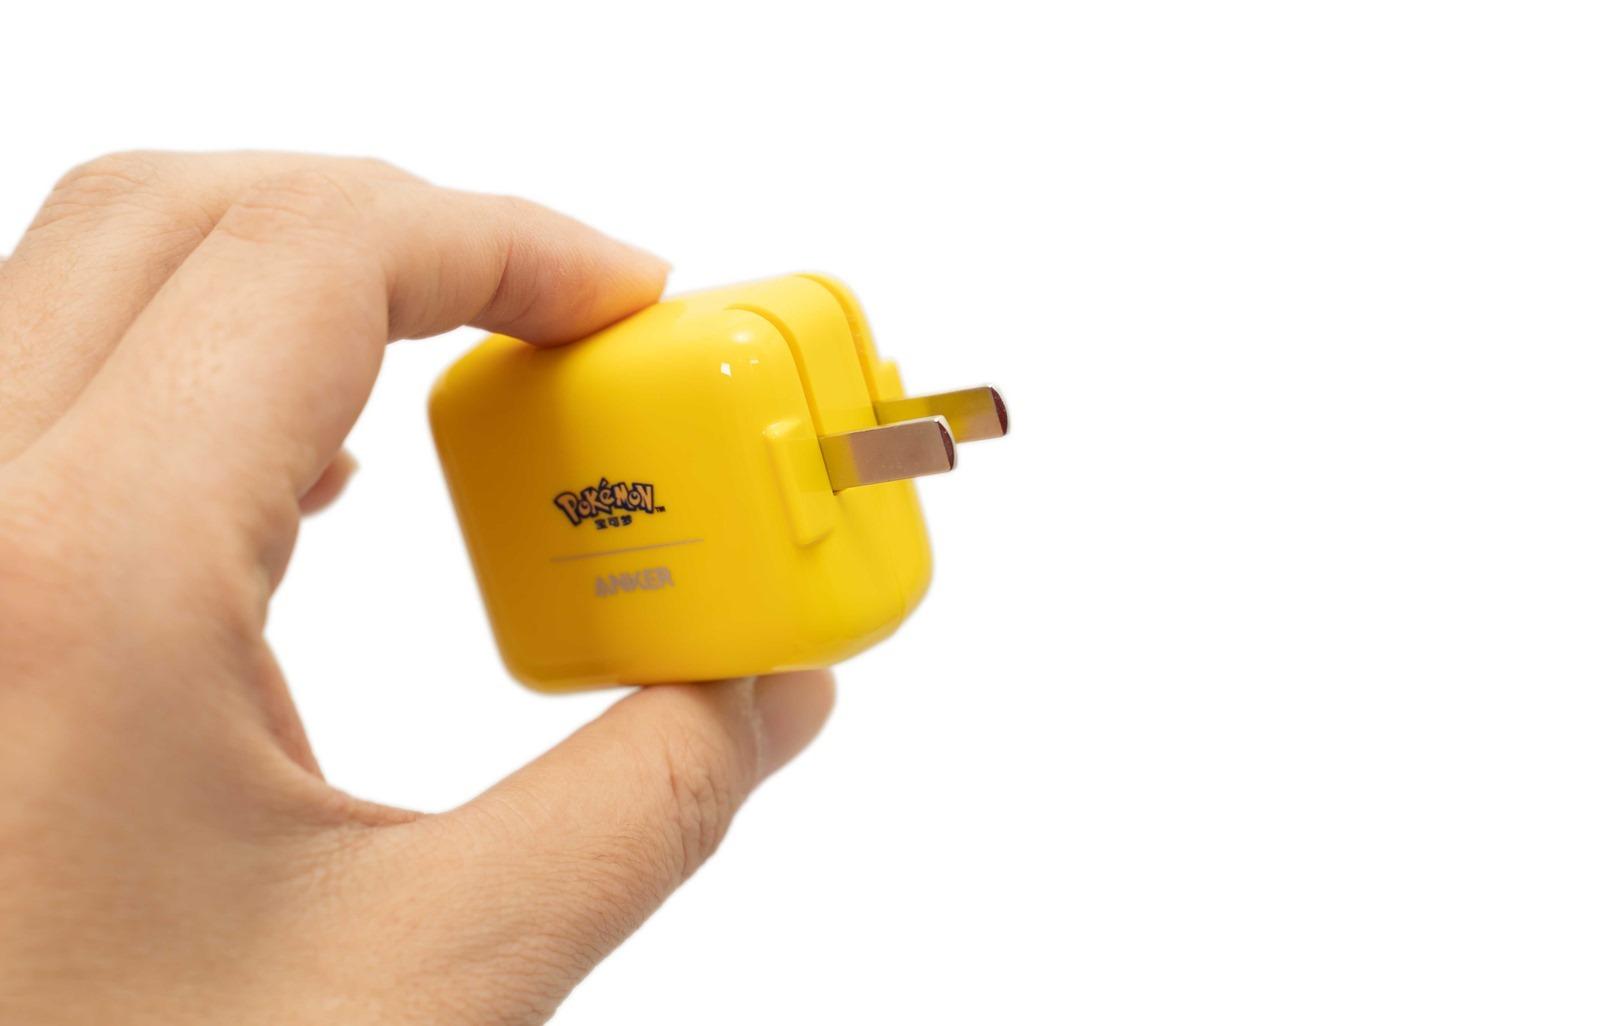 上啊神奇寶貝!Anker 寶可夢皮卡丘聯名 30W 充電器套裝開箱分享! @3C 達人廖阿輝